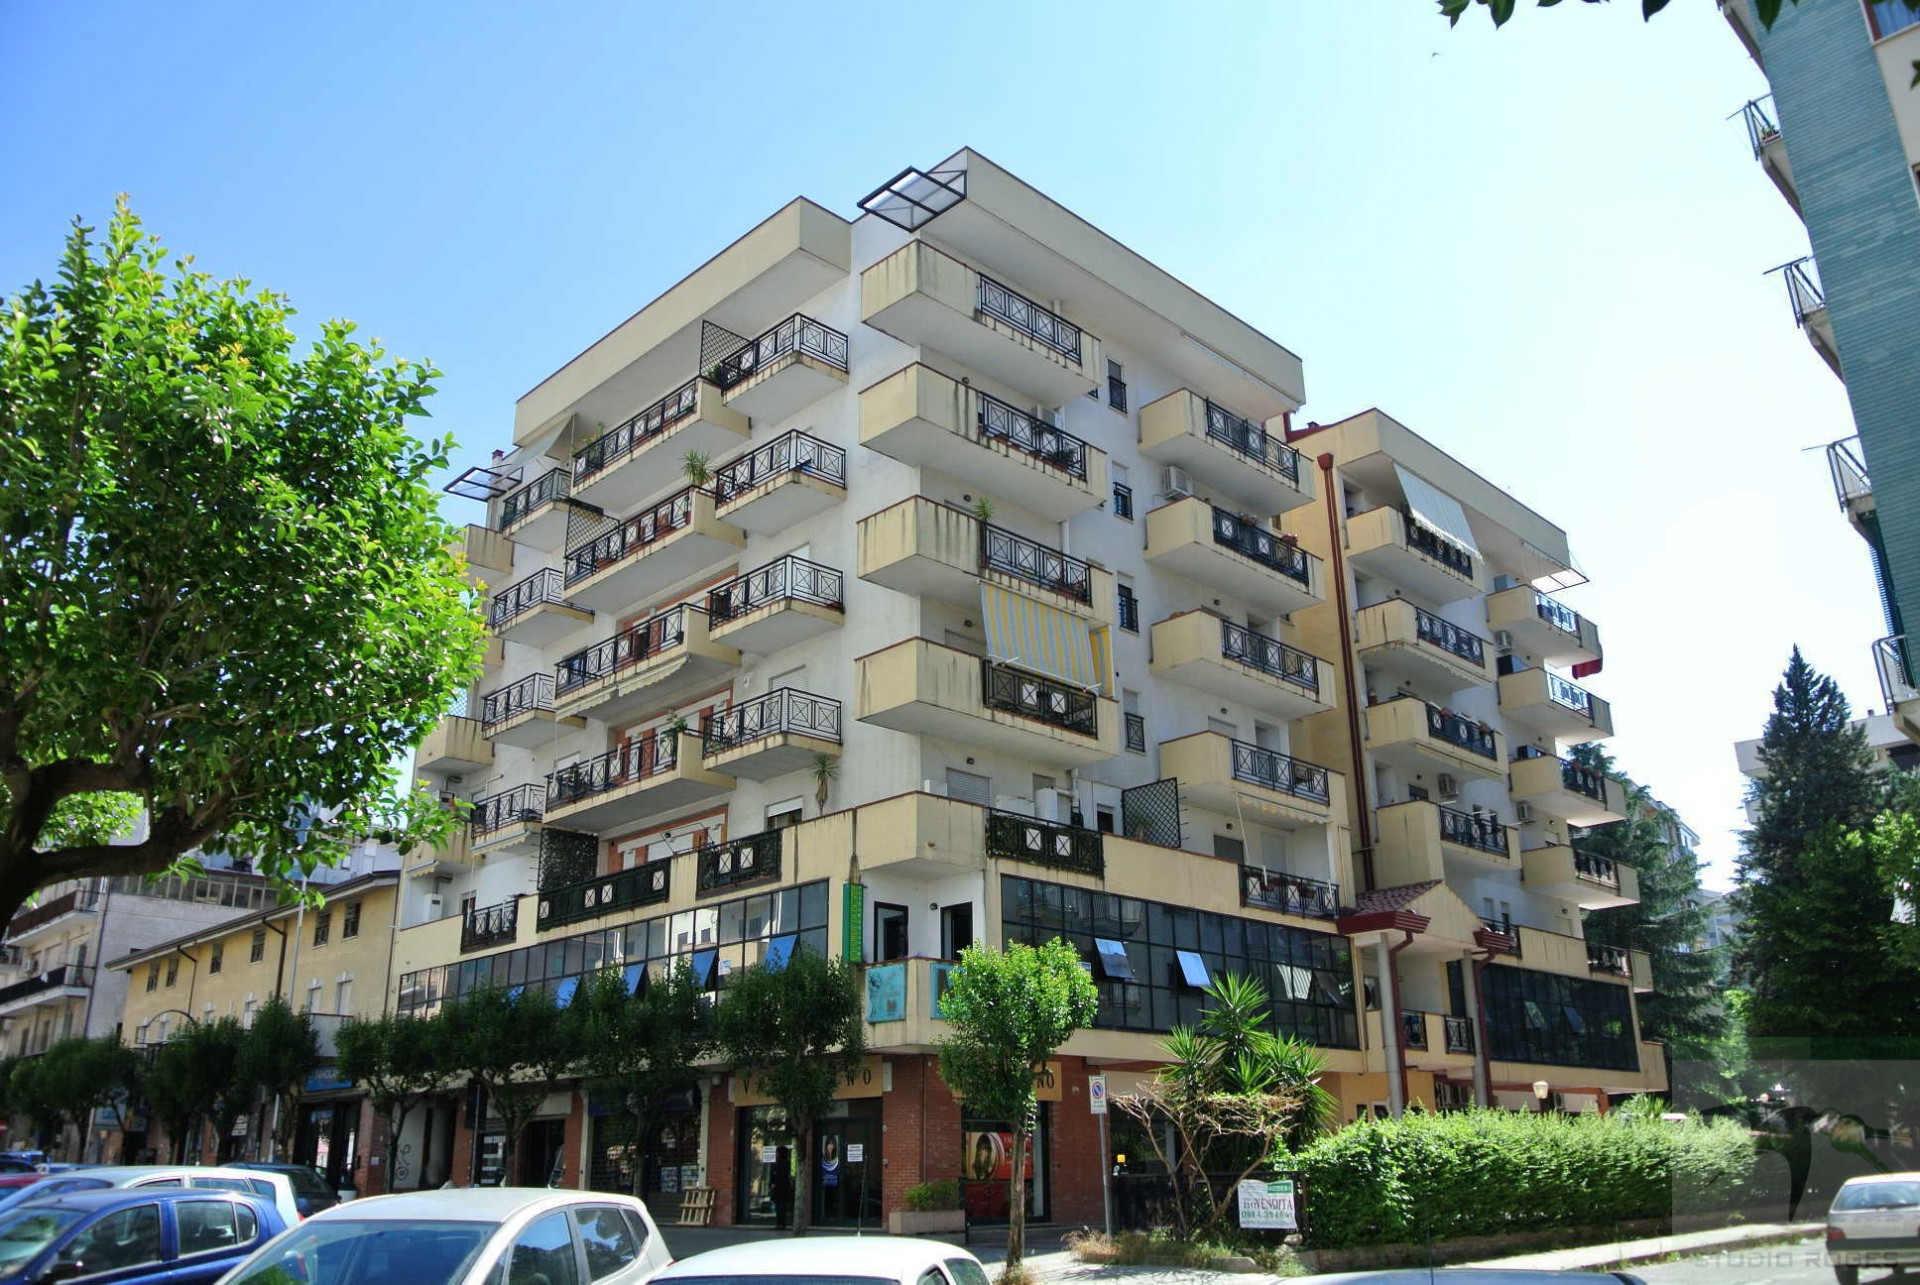 Appartamento in Vendita 130,95 mq - N. camere: 3 - - Cosenza - Cosenza (CS)